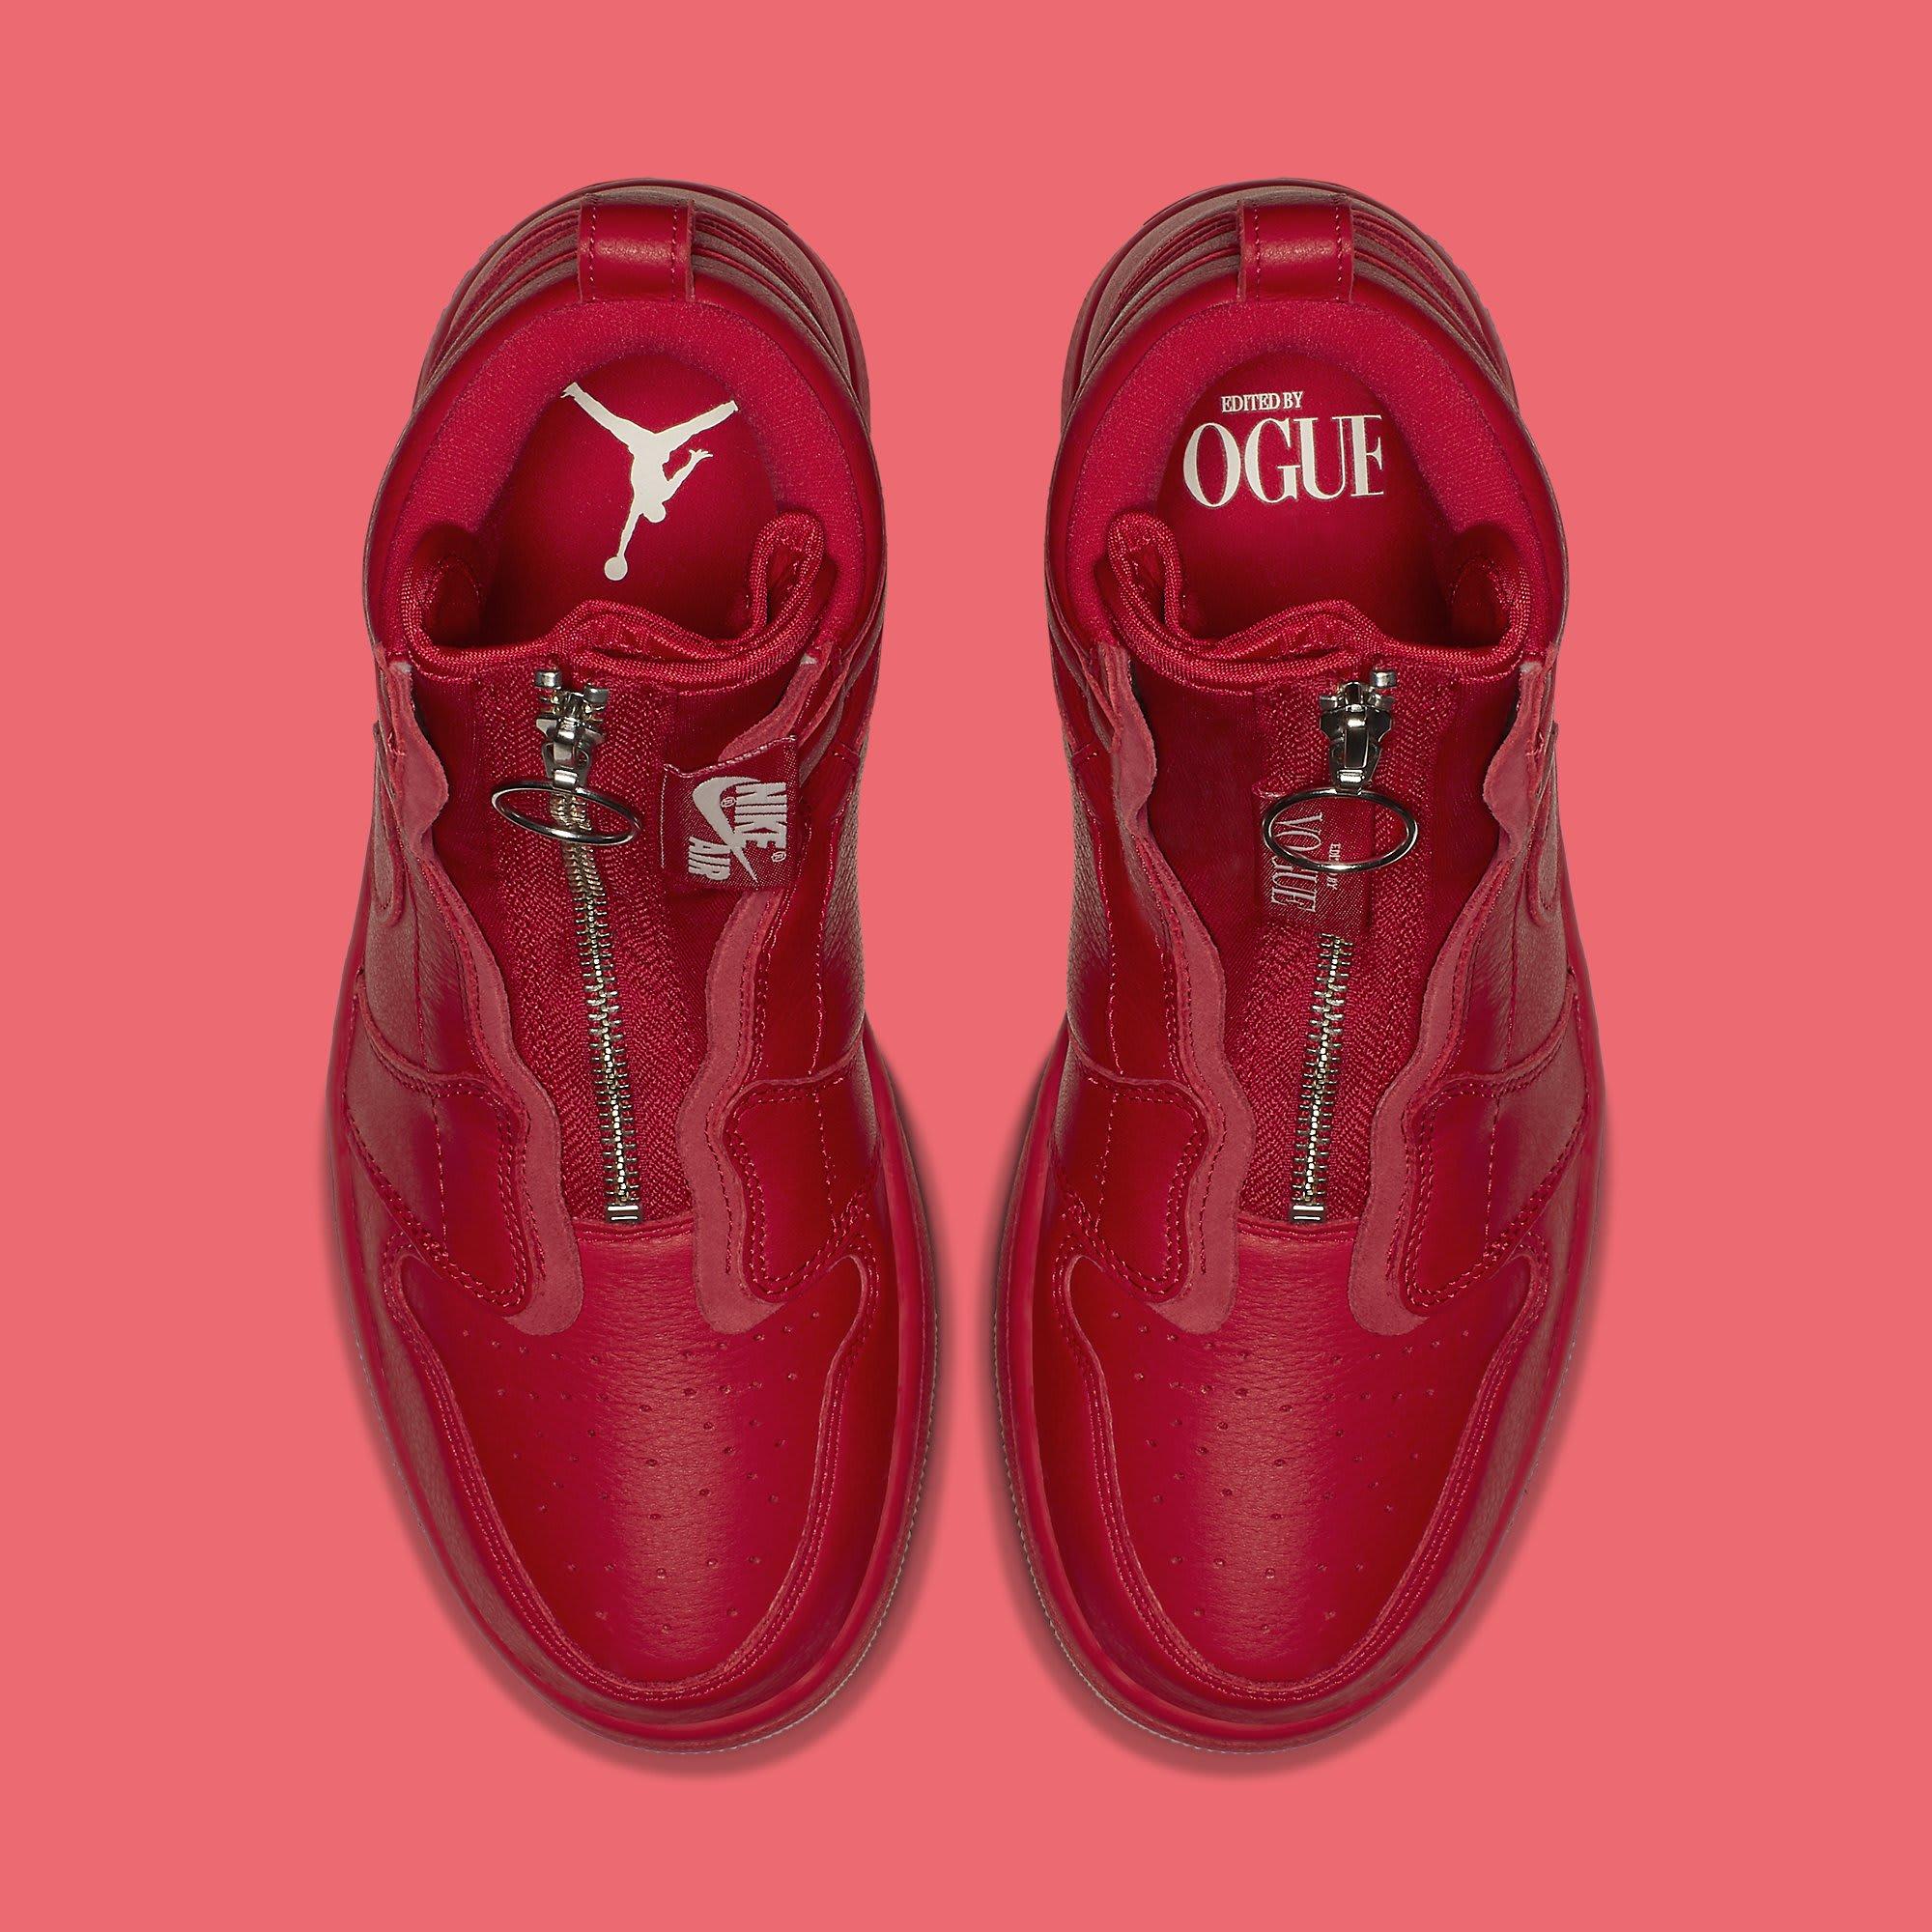 Vogue x Air Jordan 1 Zip AWOK University Red Top